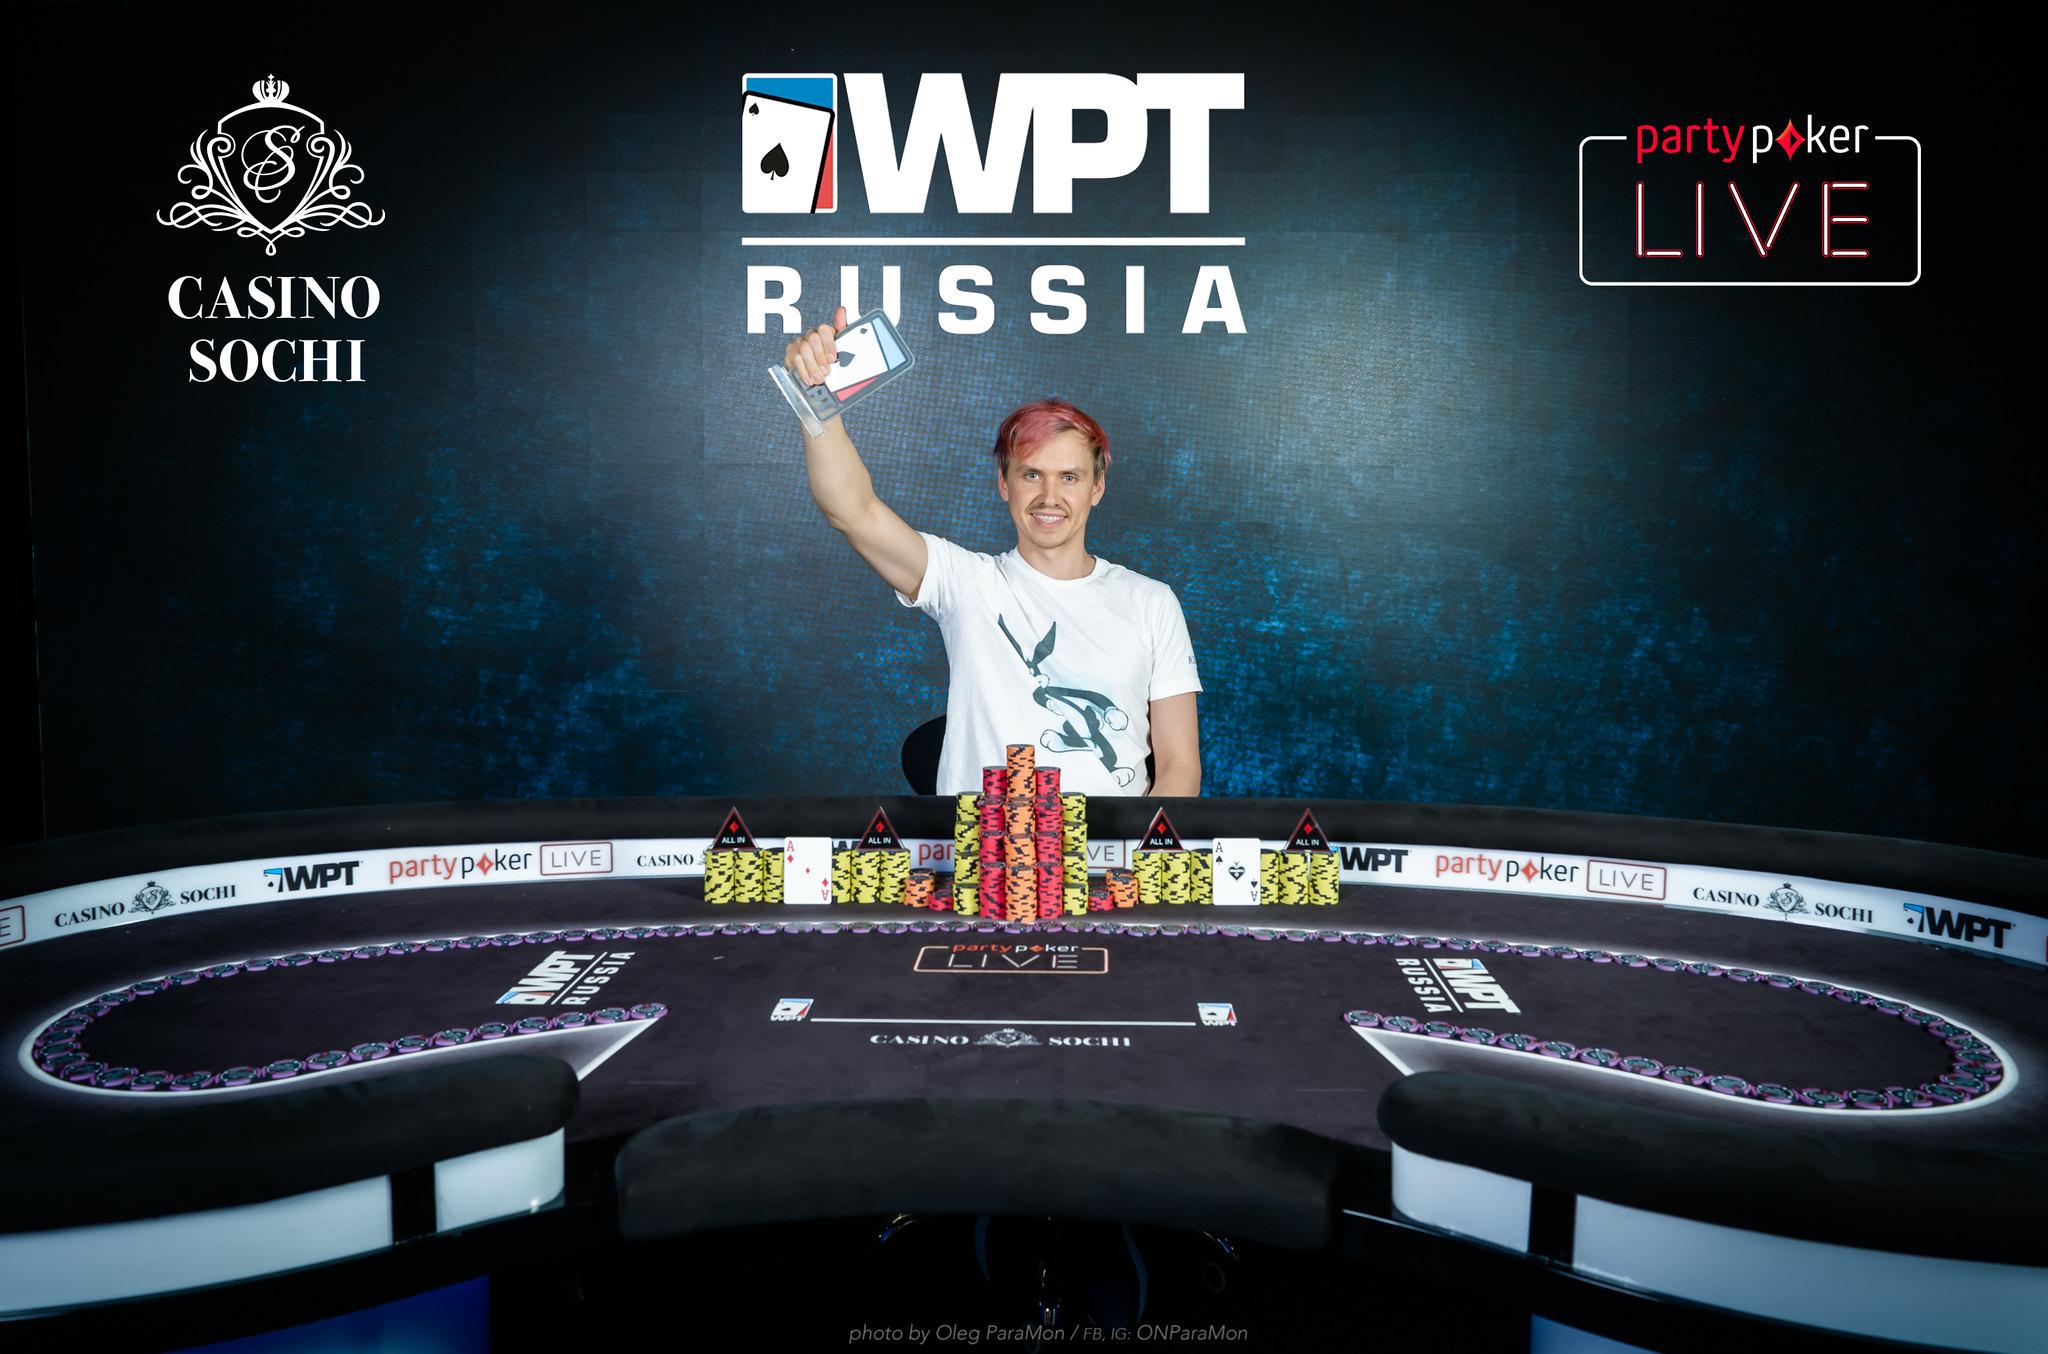 马克西姆·塞克雷塔列夫成为WPT俄国最年轻的冠军(160,694美元)(图3)